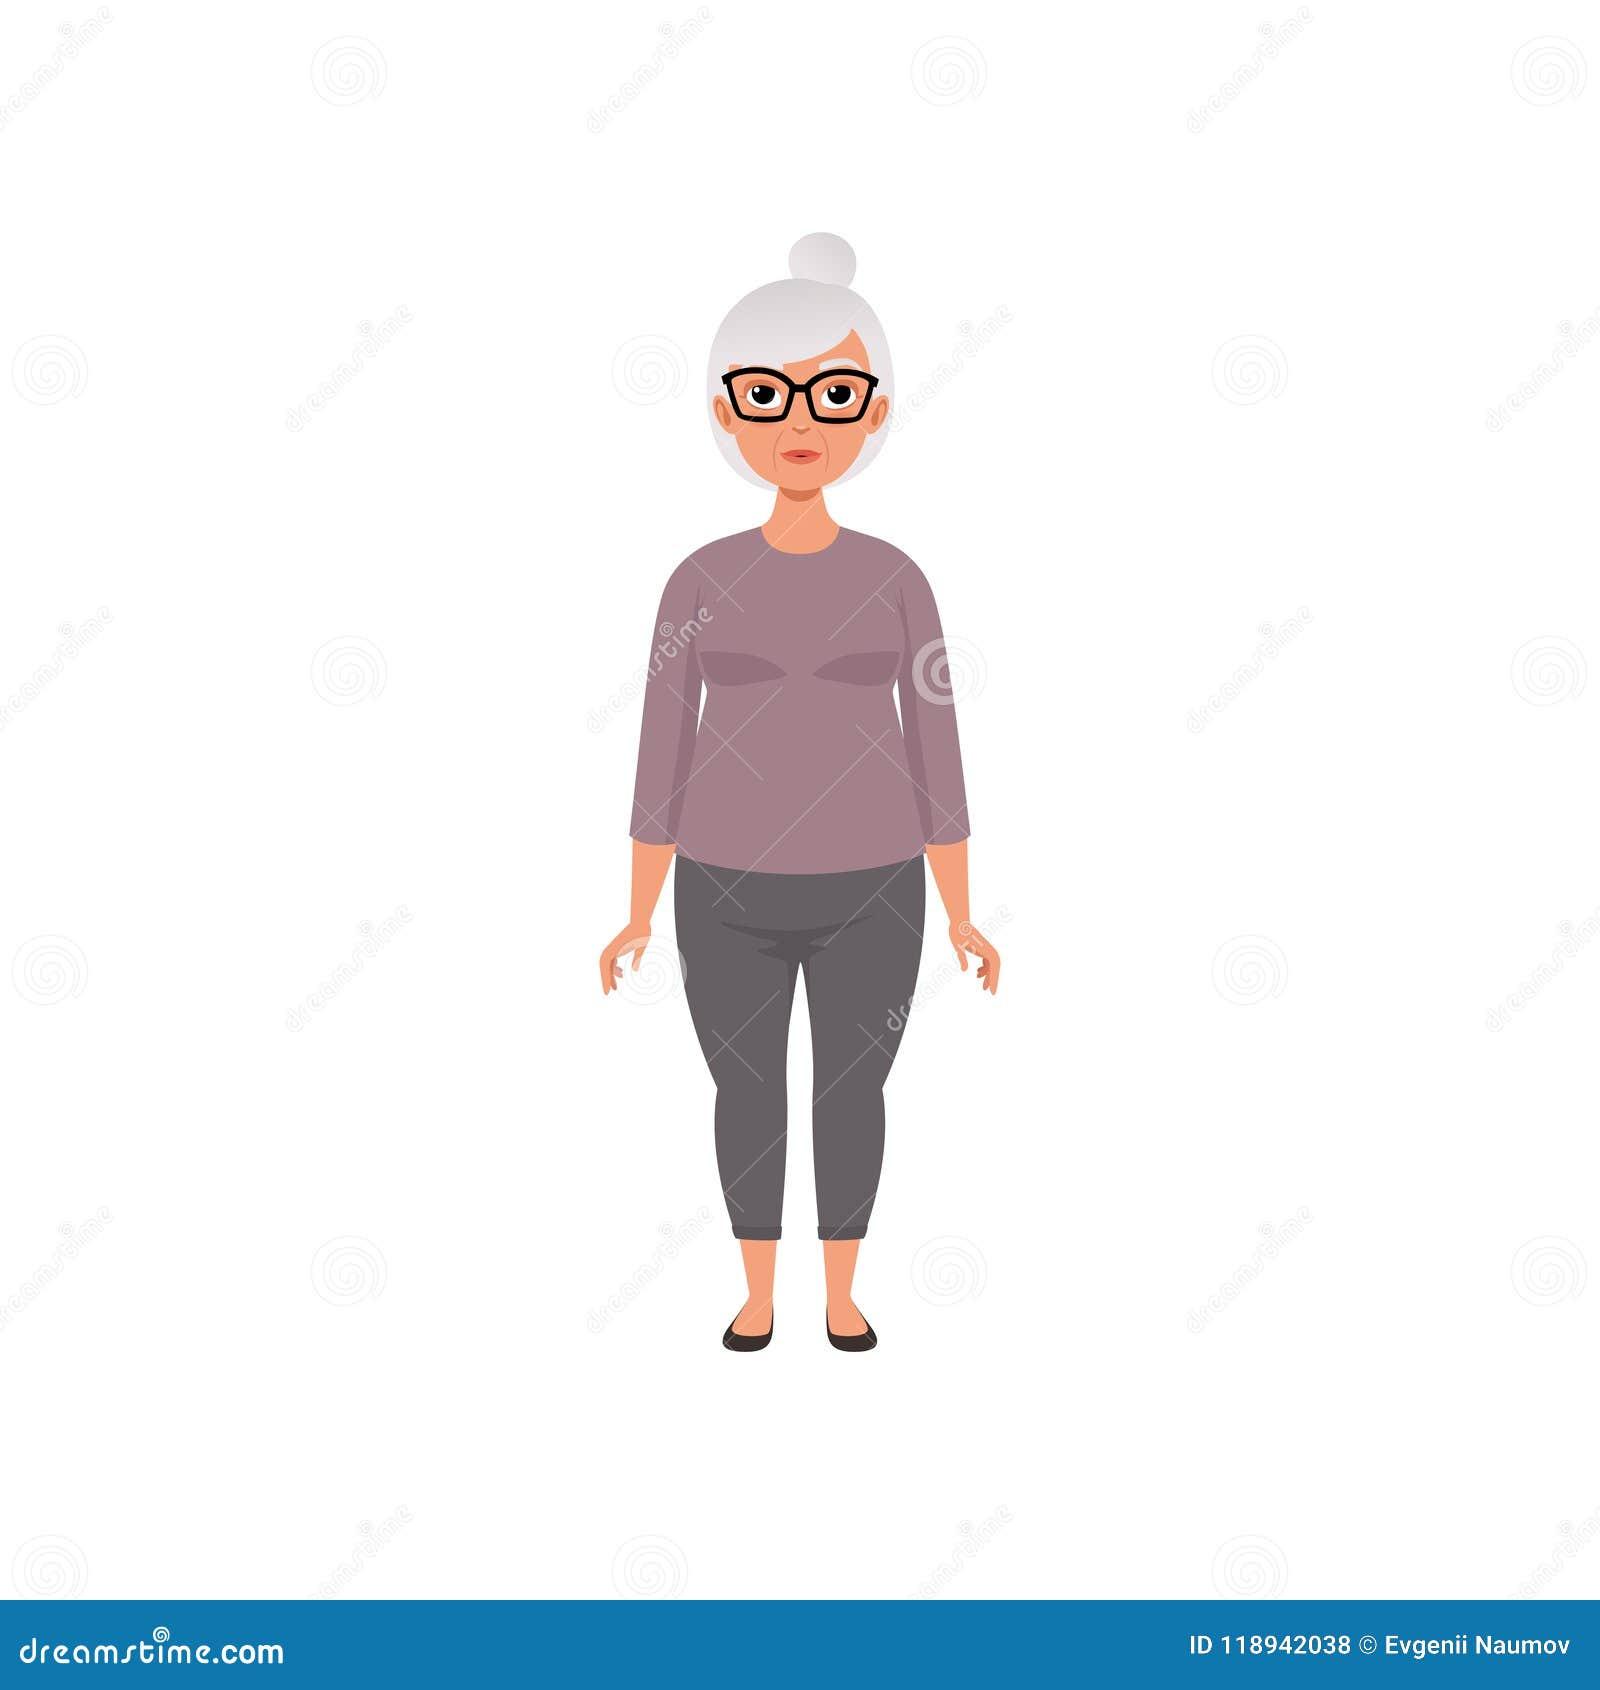 Ανώτερη γυναίκα, γιαγιά, στάδιο να μεγαλώσει τη διανυσματική απεικόνιση έννοιας σε ένα άσπρο υπόβαθρο